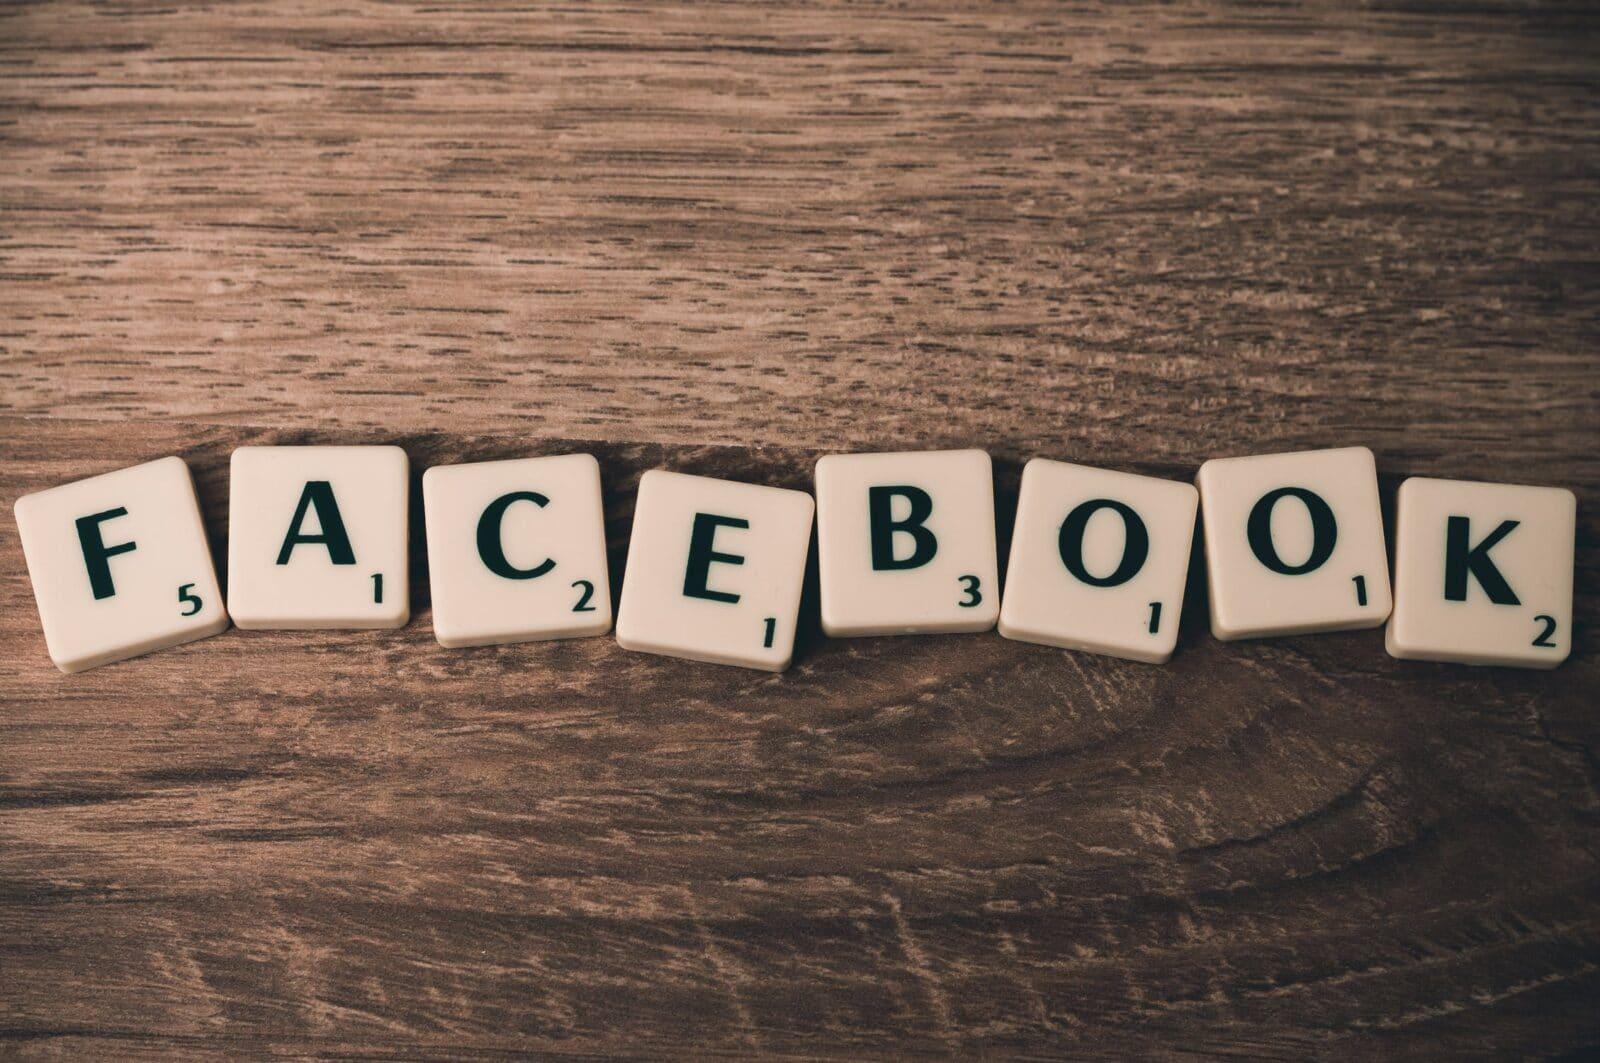 รู้จักกับยุค Post-Facebook เมื่อสถานะทางสังคมออนไลน์ได้มาแต่กำเนิด